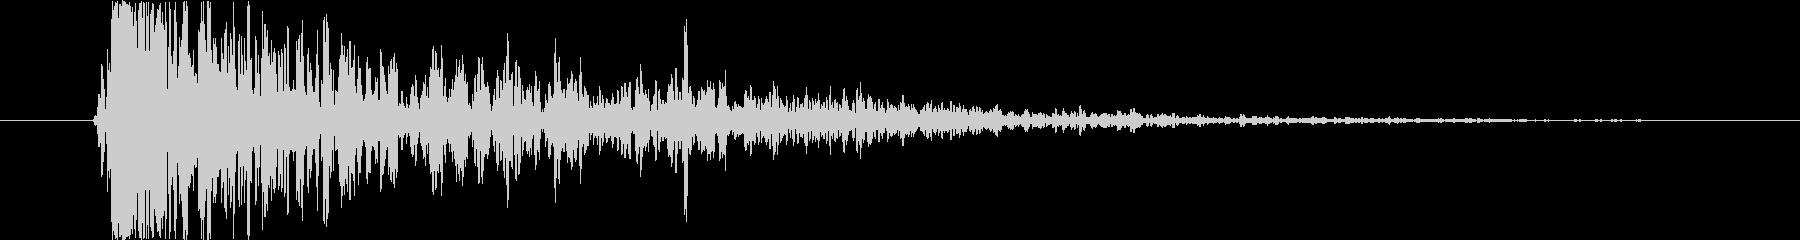 リアルな爆発の音(火の魔法・爆弾など)の未再生の波形